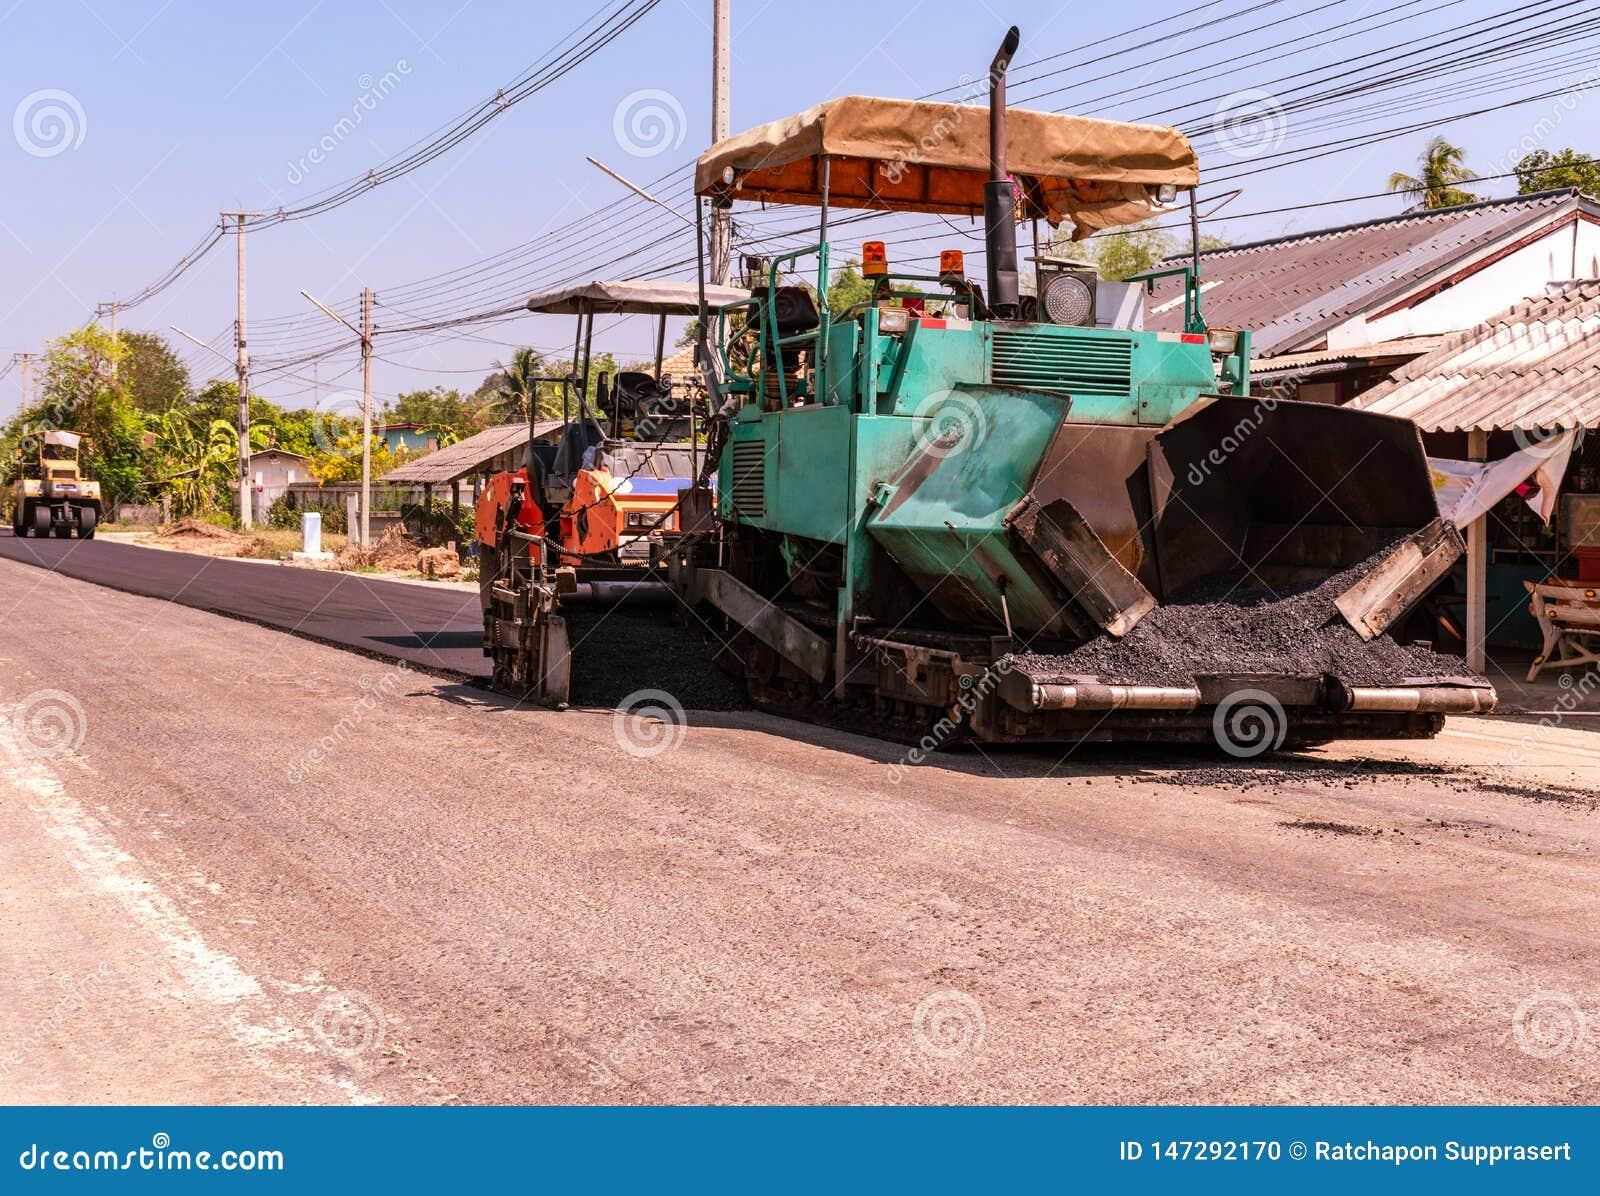 Στενή άποψη σχετικά με τους εργαζομένους και τις ασφαλτώνοντας μηχανές, εργαζόμενοι που κατασκευάζουν την άσφαλτο στη οδοποιία